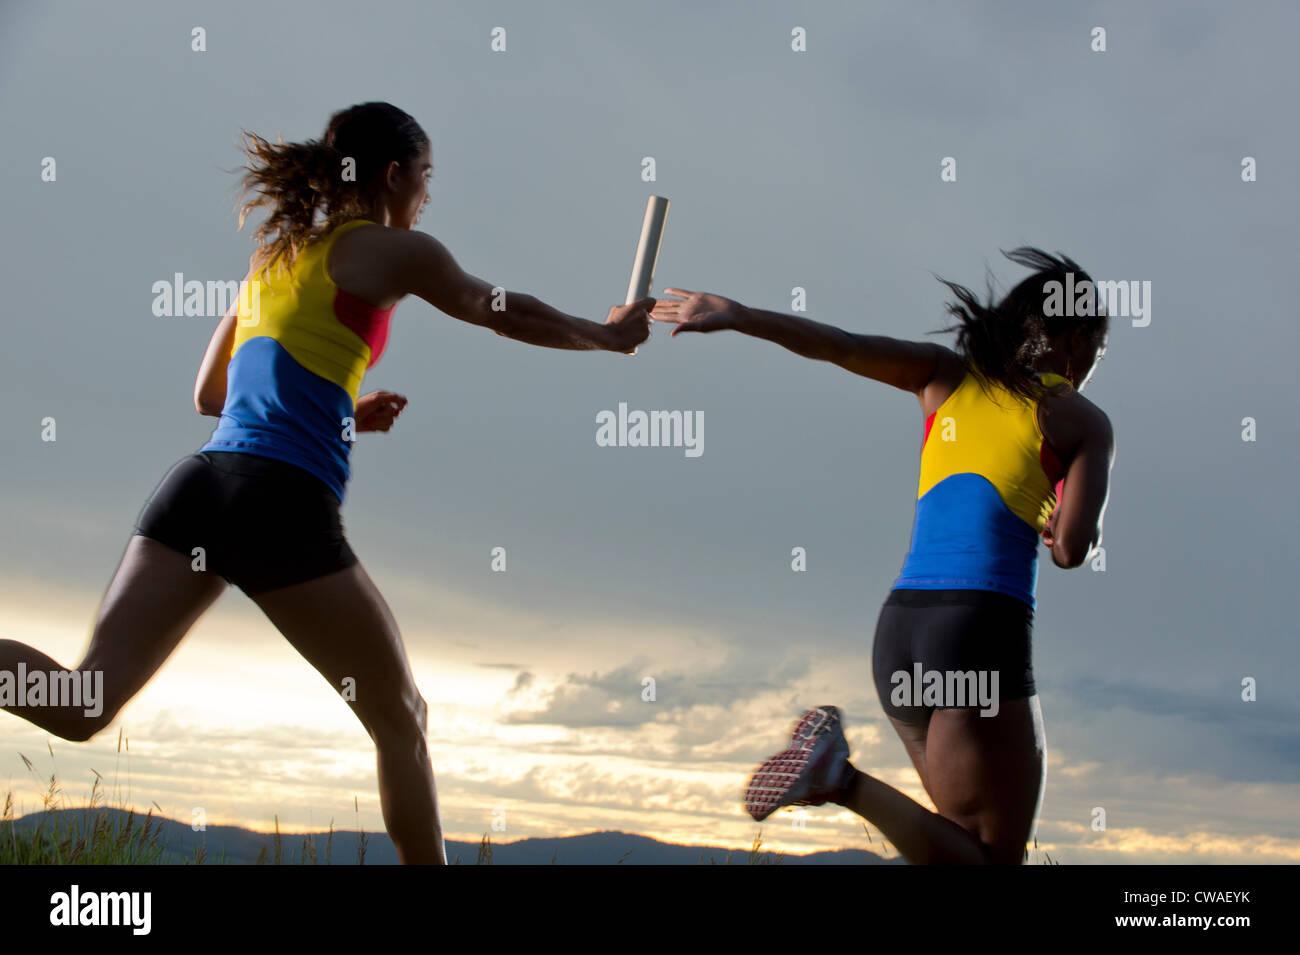 Weibliche Staffel Rennfahrer Staffelstab übergeben Stockbild